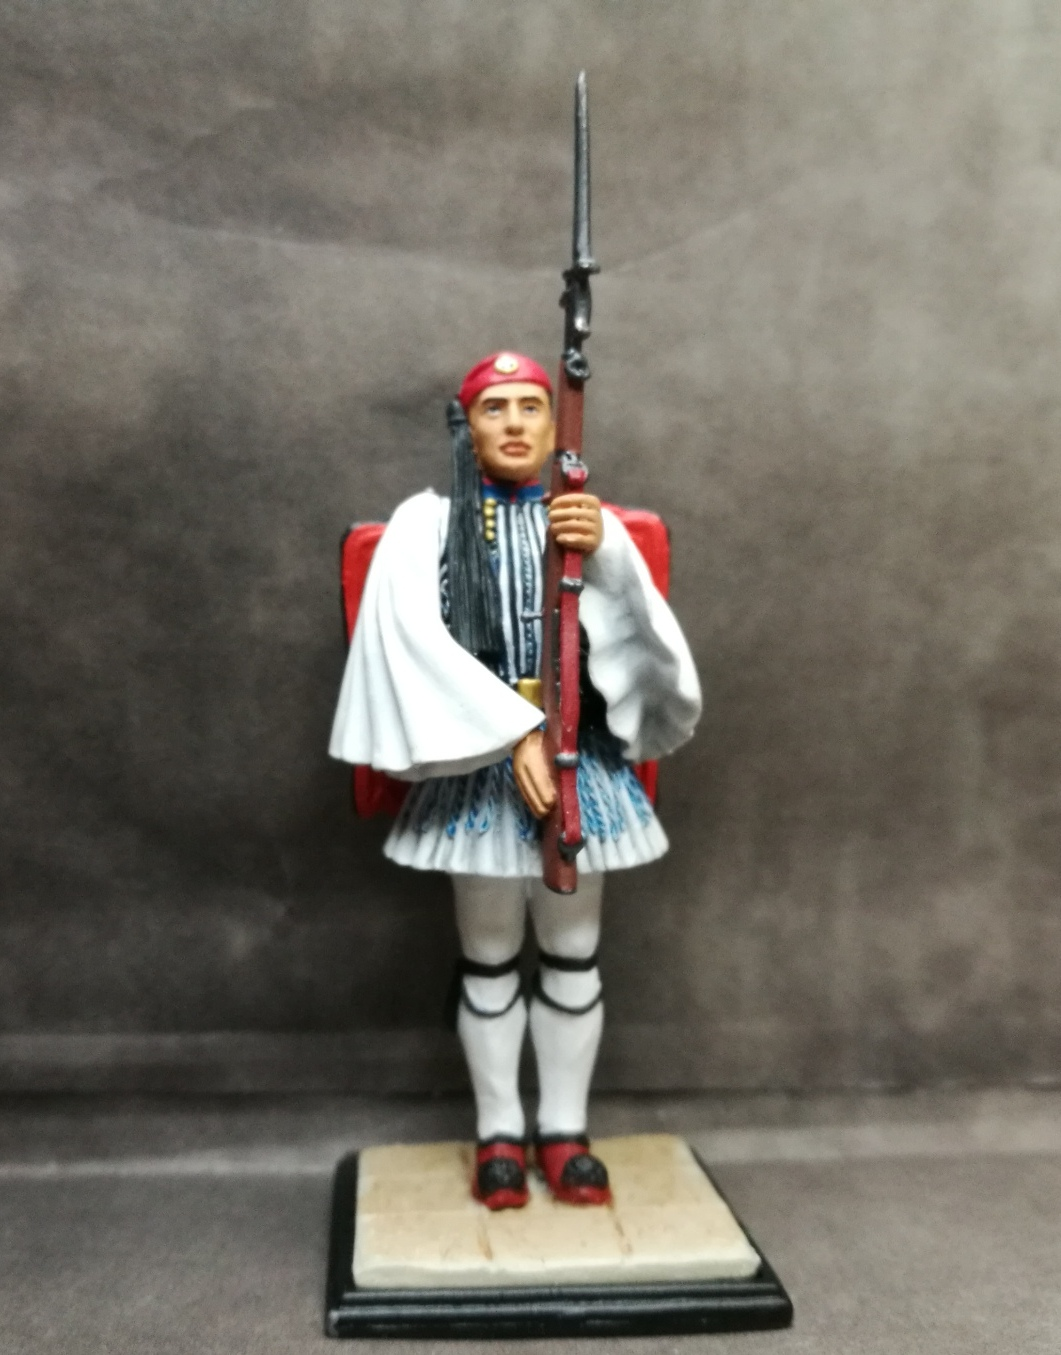 ΠεριγEvzone , Ευζωνας , προεδρικη φρουρα,ραφή εικόνας